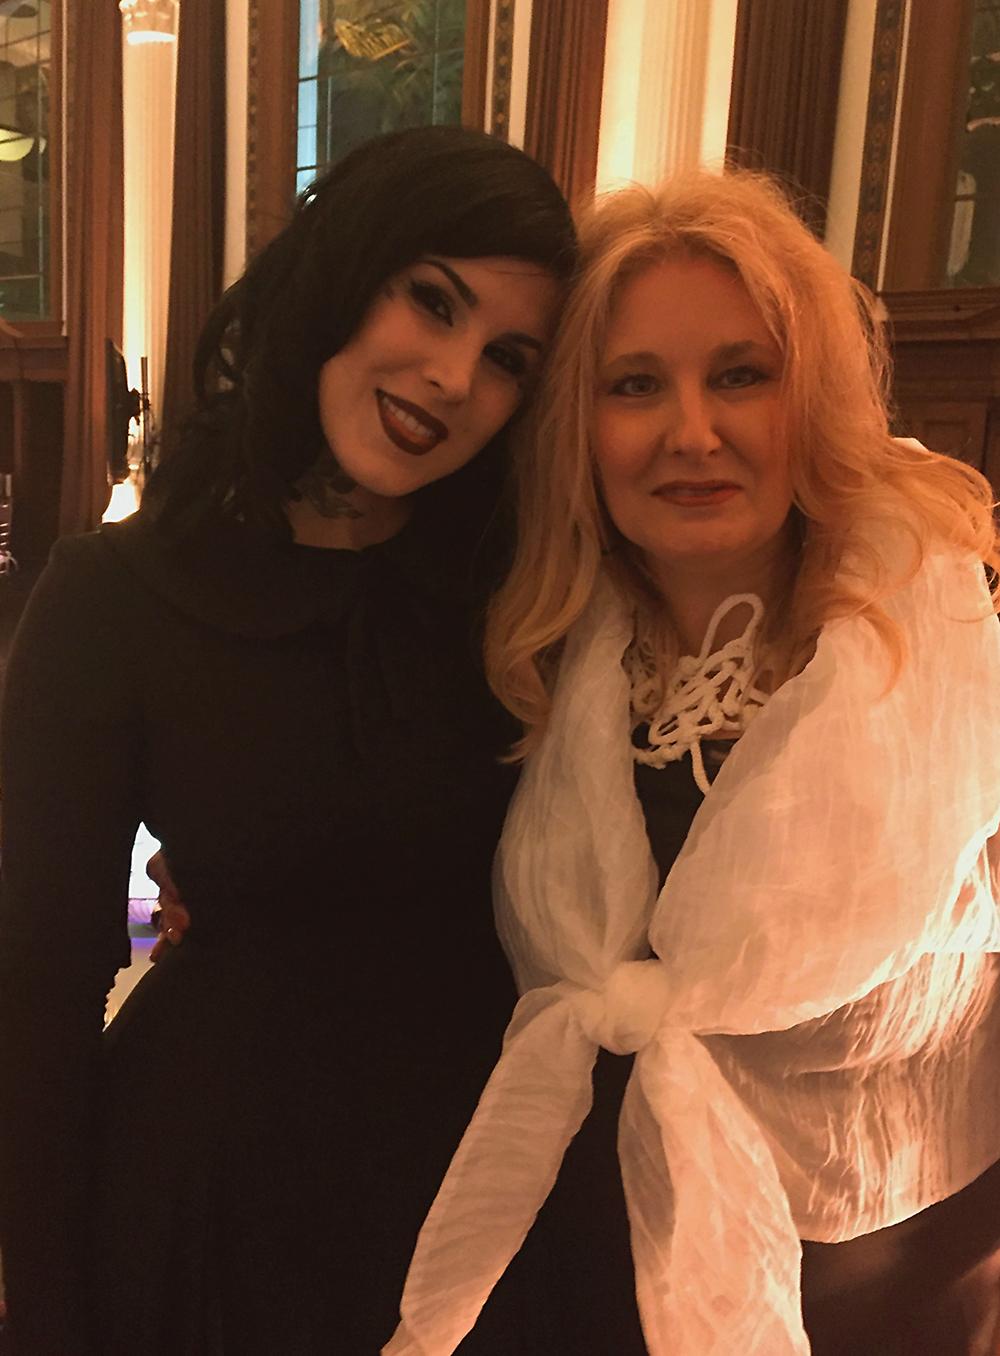 With Kat Von D